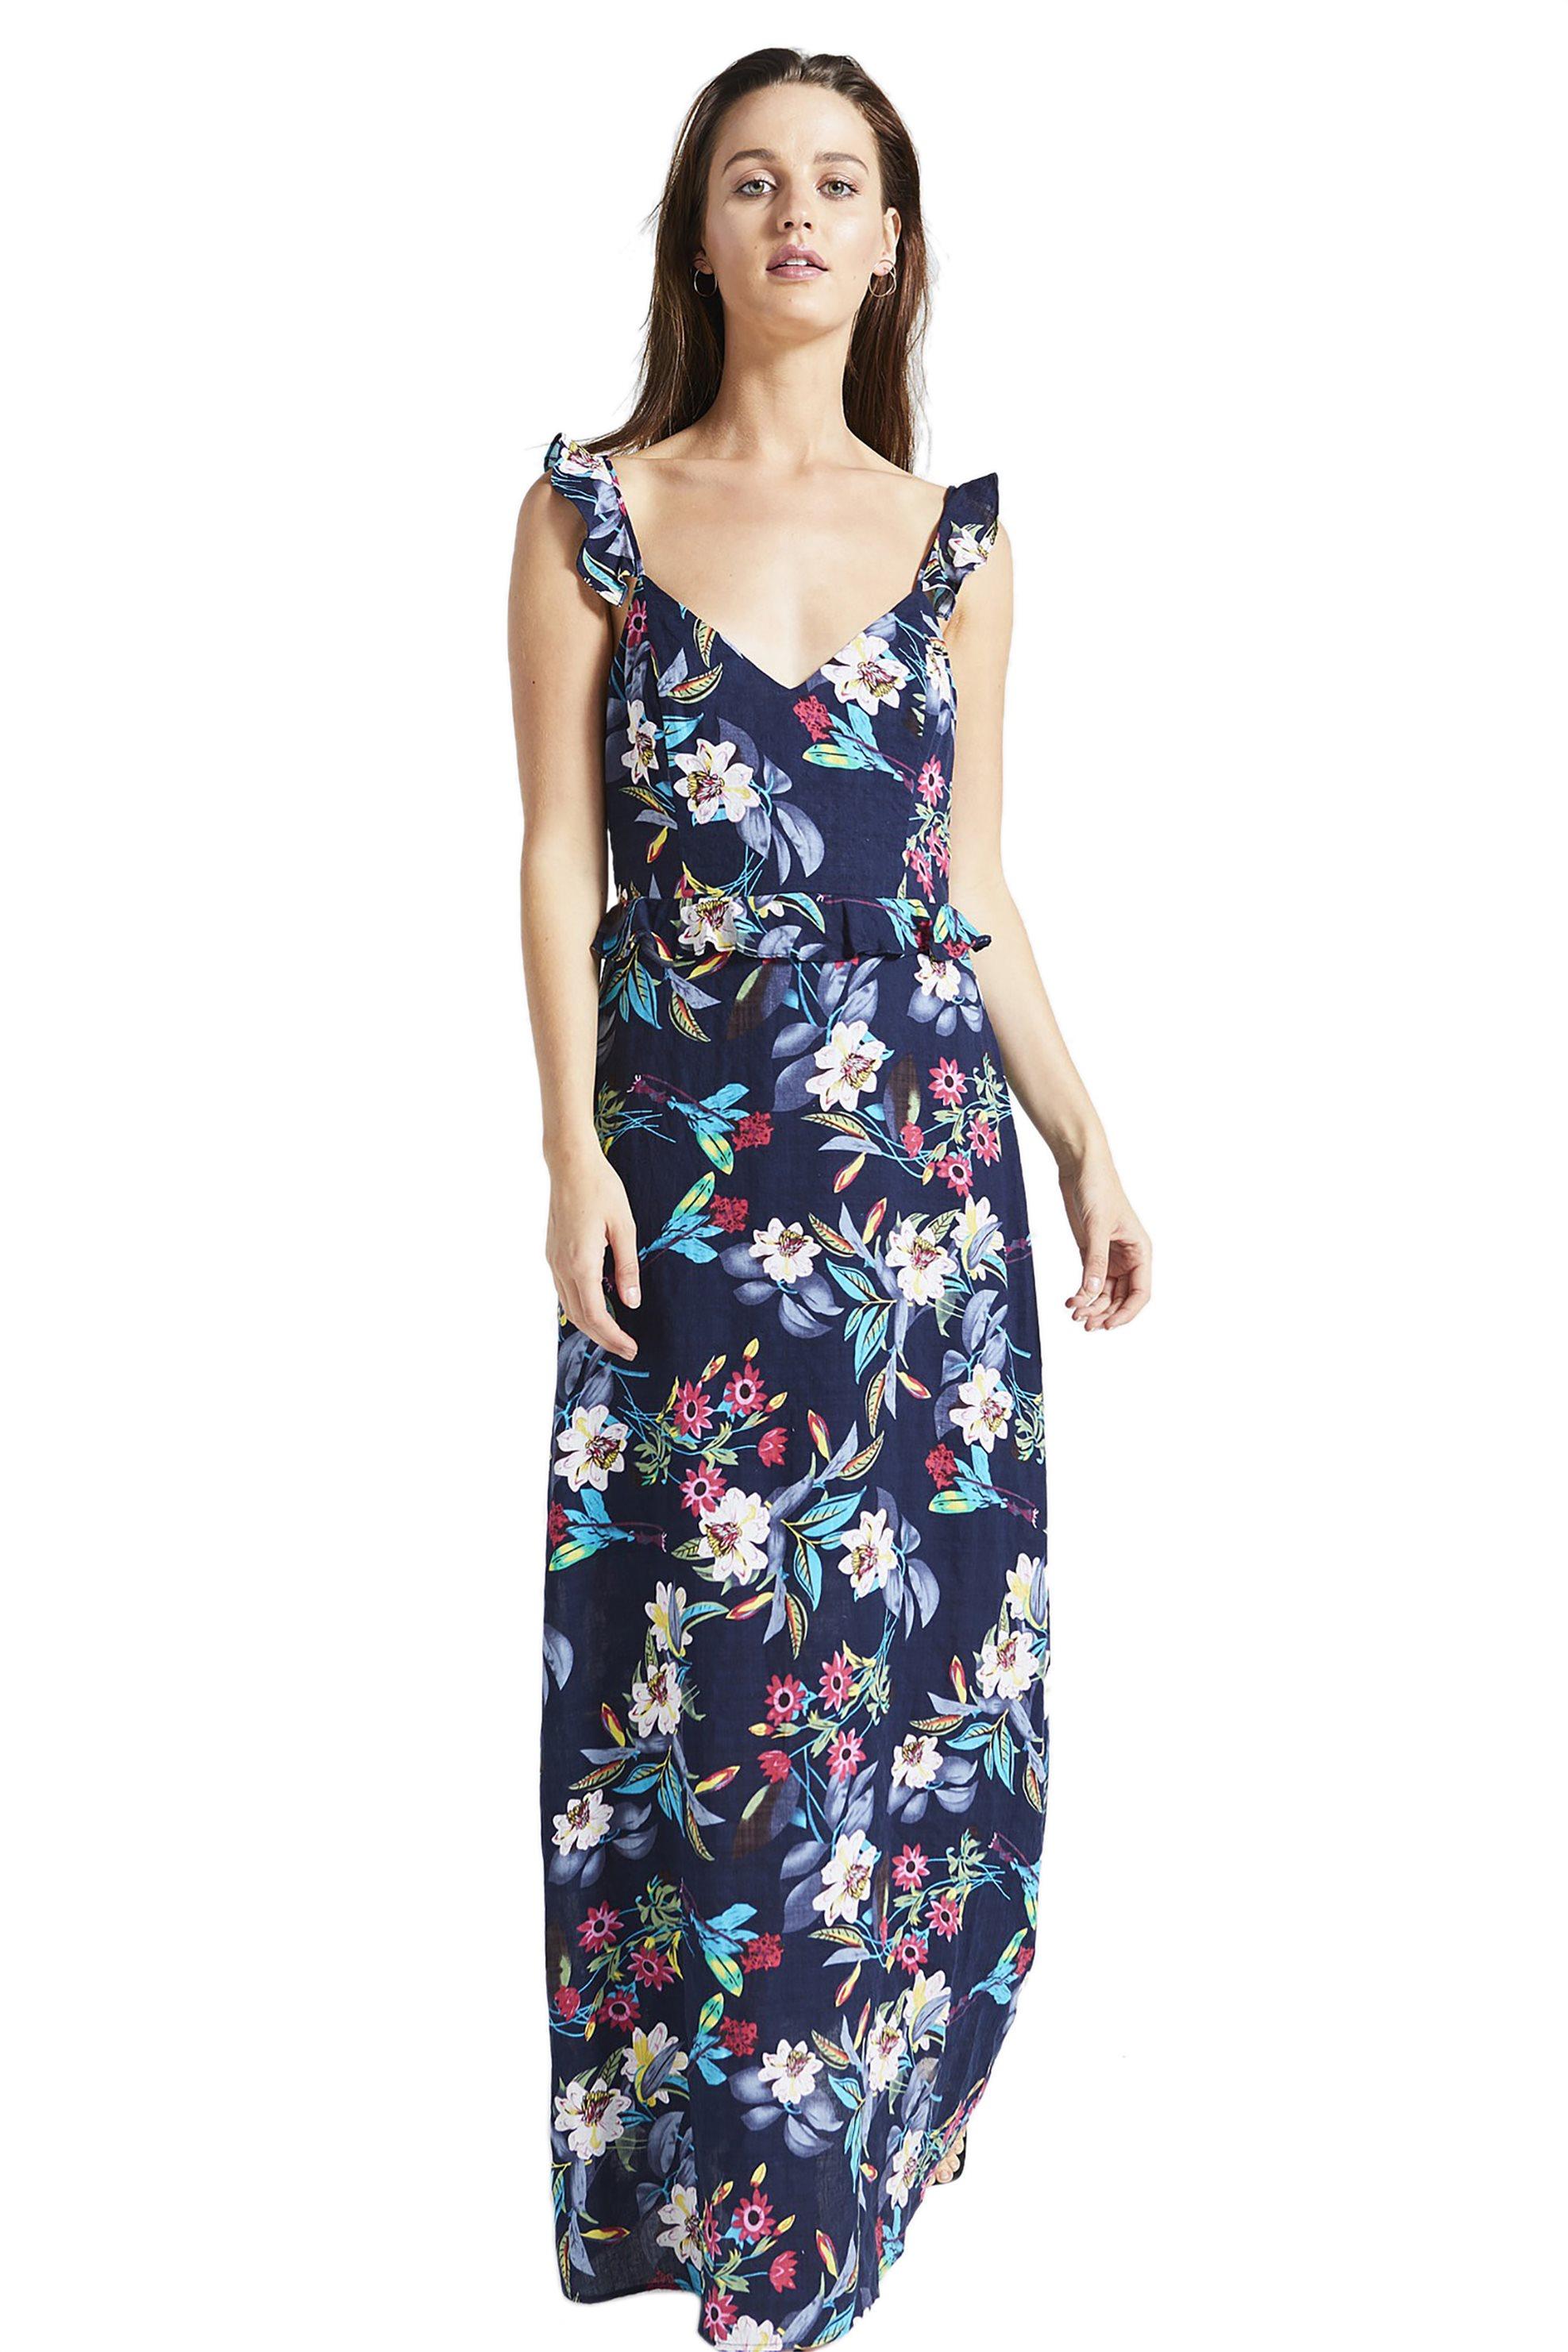 Γυναικεία   Ρούχα   Φορέματα   Μακριά   Φόρεμα καφτάνι εξωτικό με ... 1e7c8b436e2